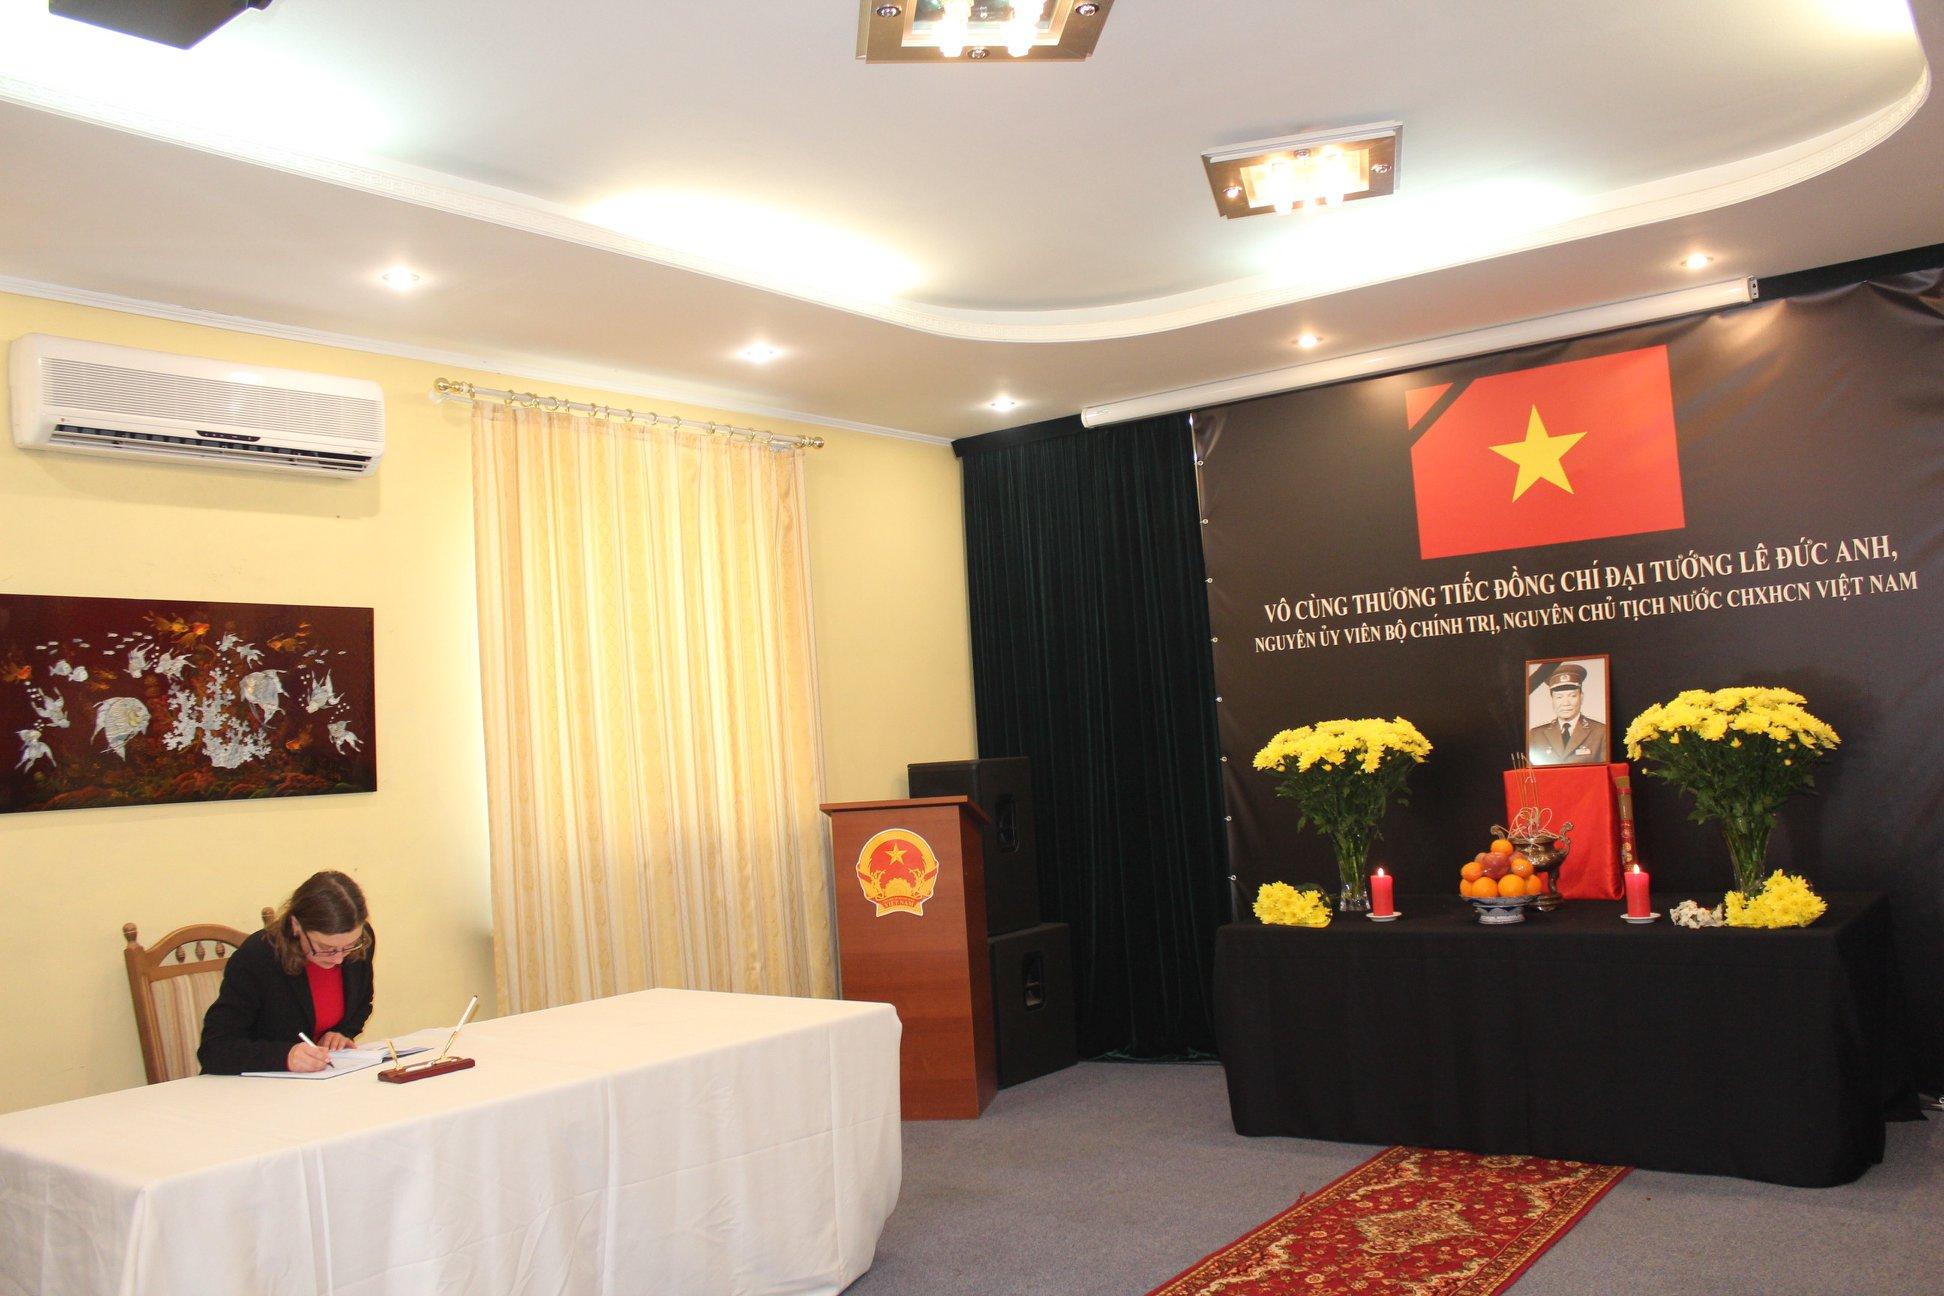 Đại sứ quán Việt Nam tại Ucraina mở sổ tang và tổ chức viếng đ/c Đại Tướng Lê Đức Anh